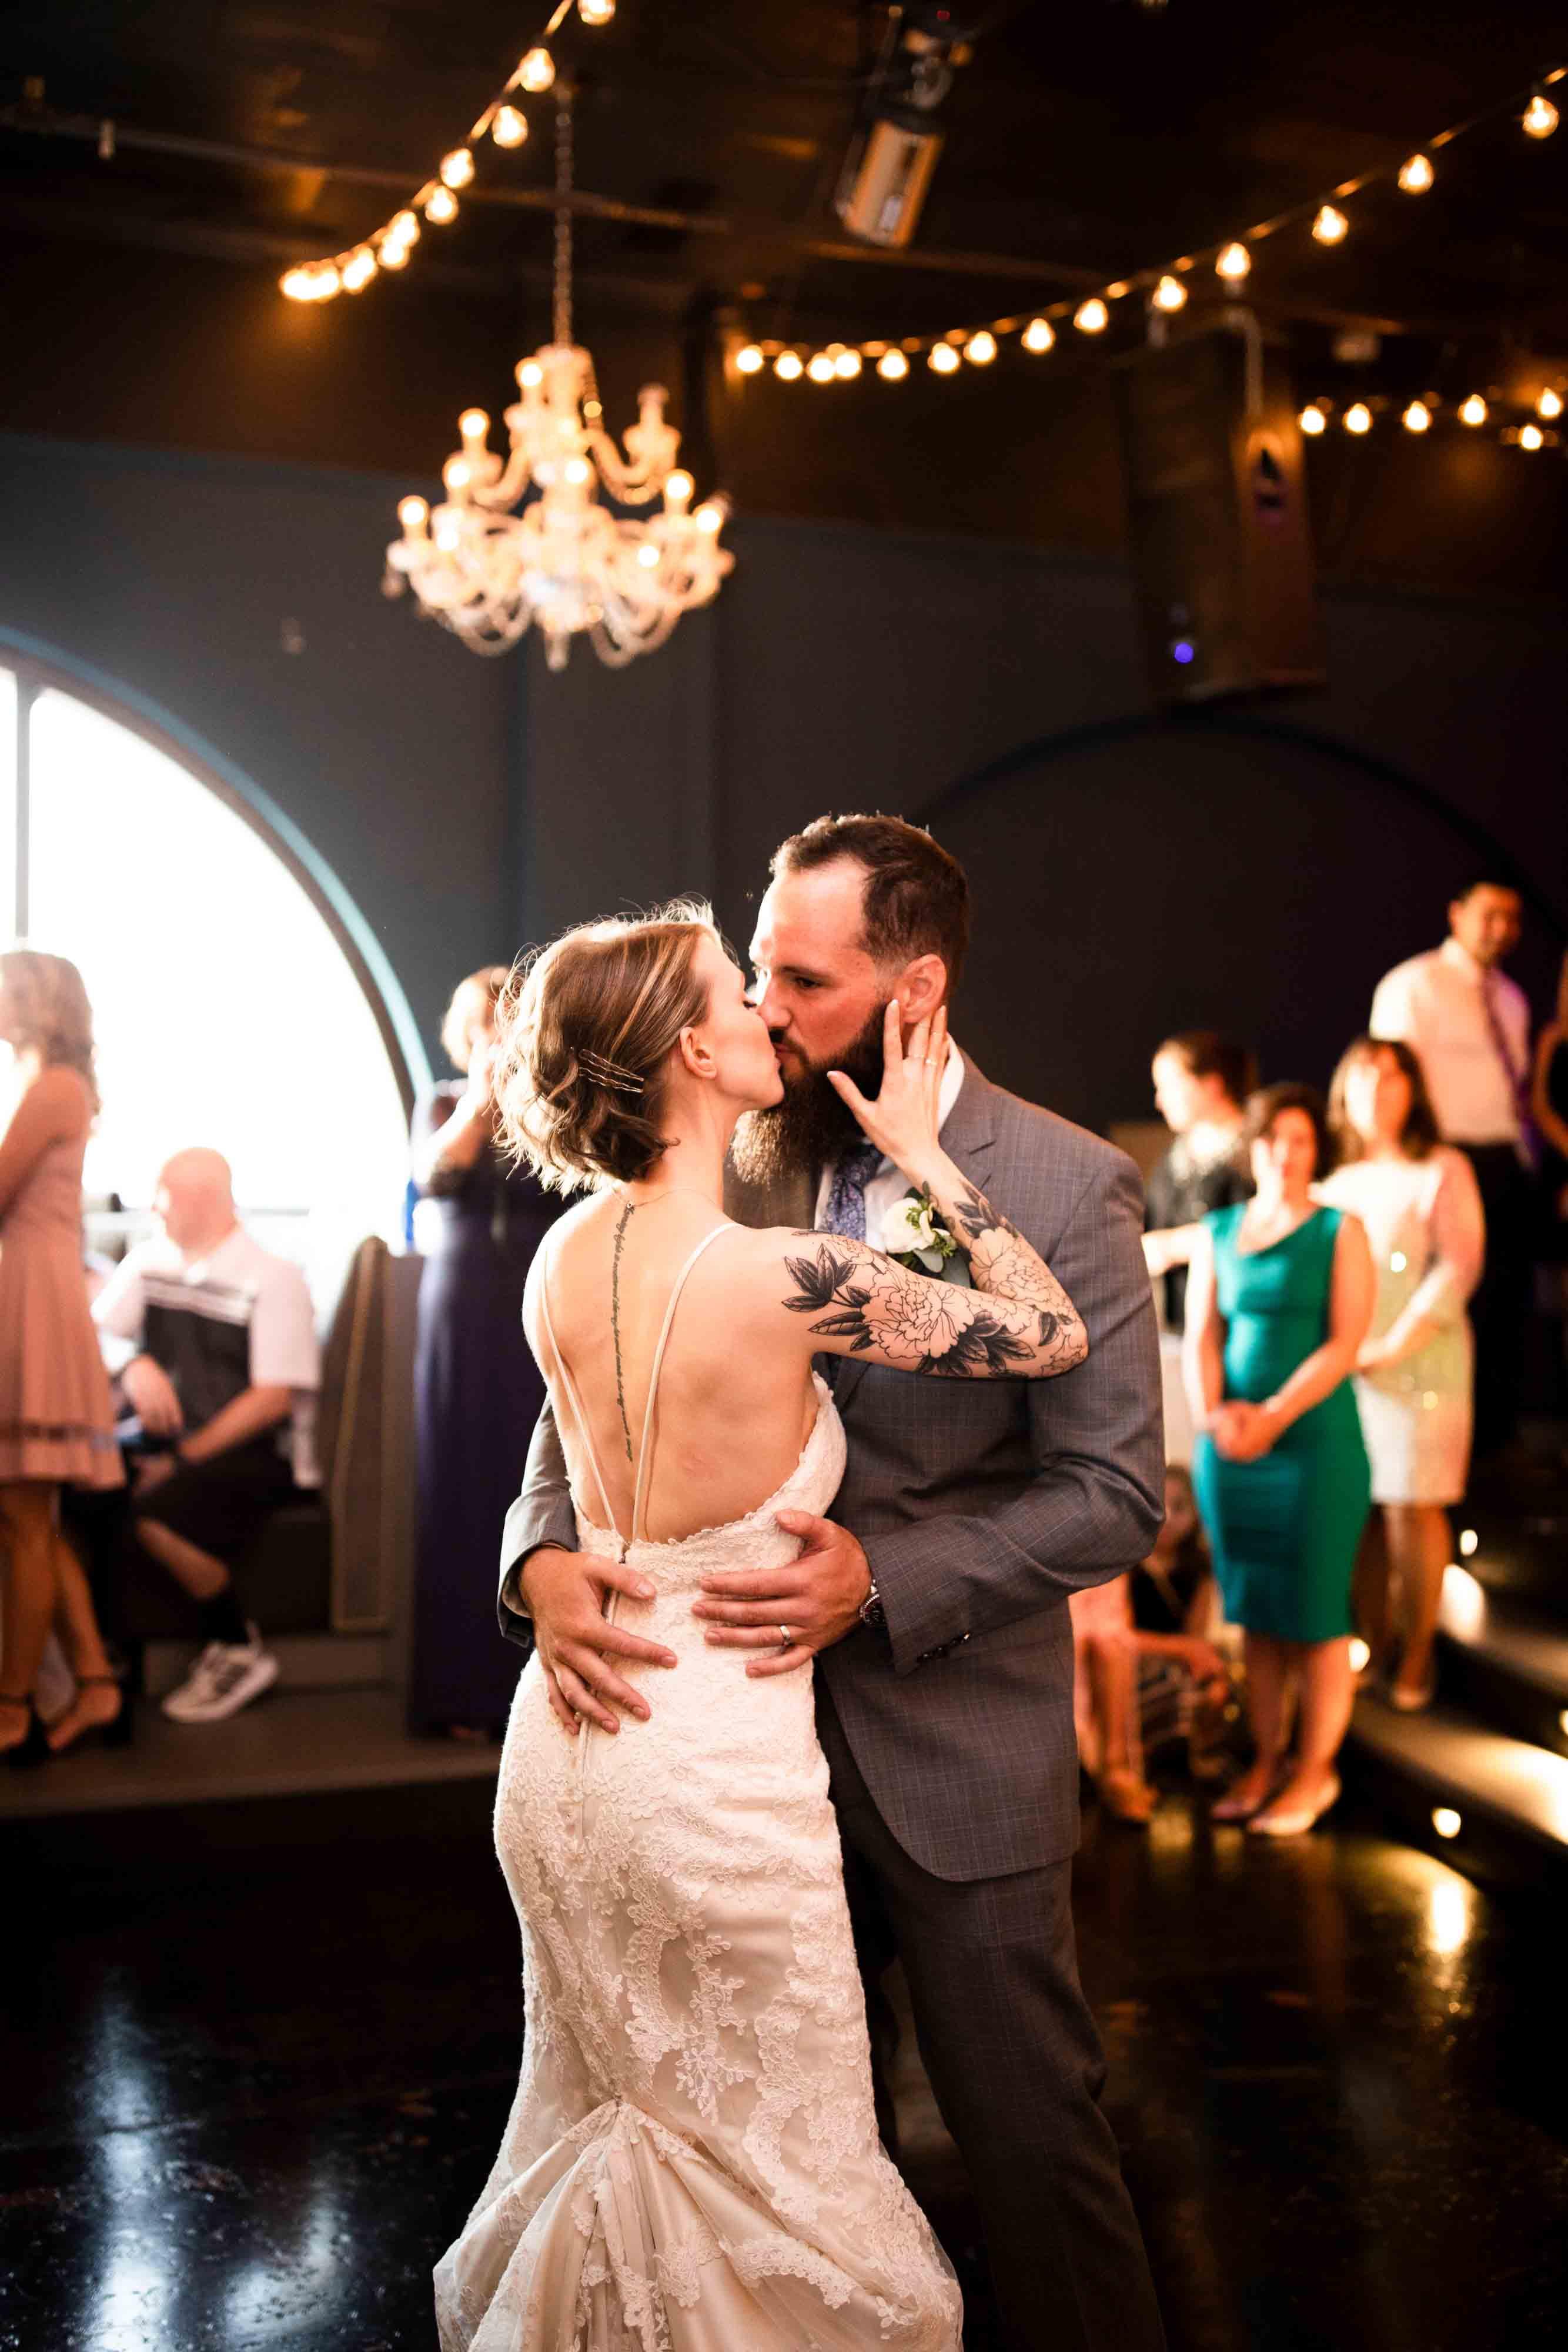 Plan your wedding in Newport Ocean view ballroom